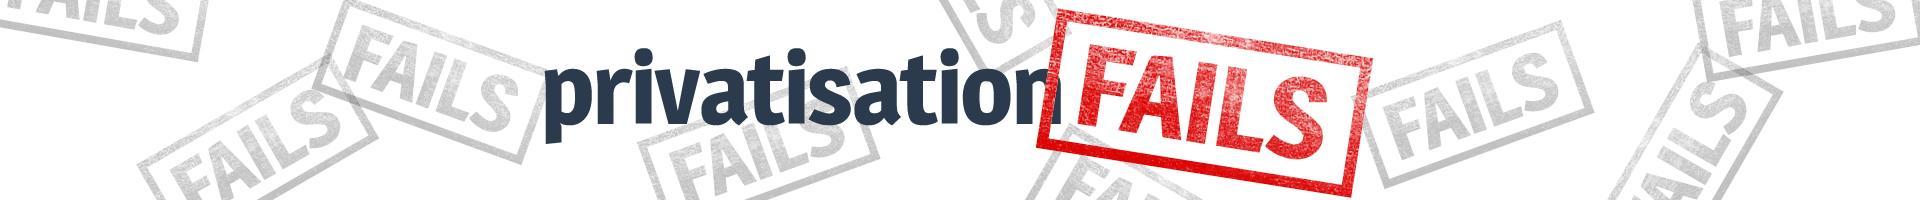 Privatisation fails